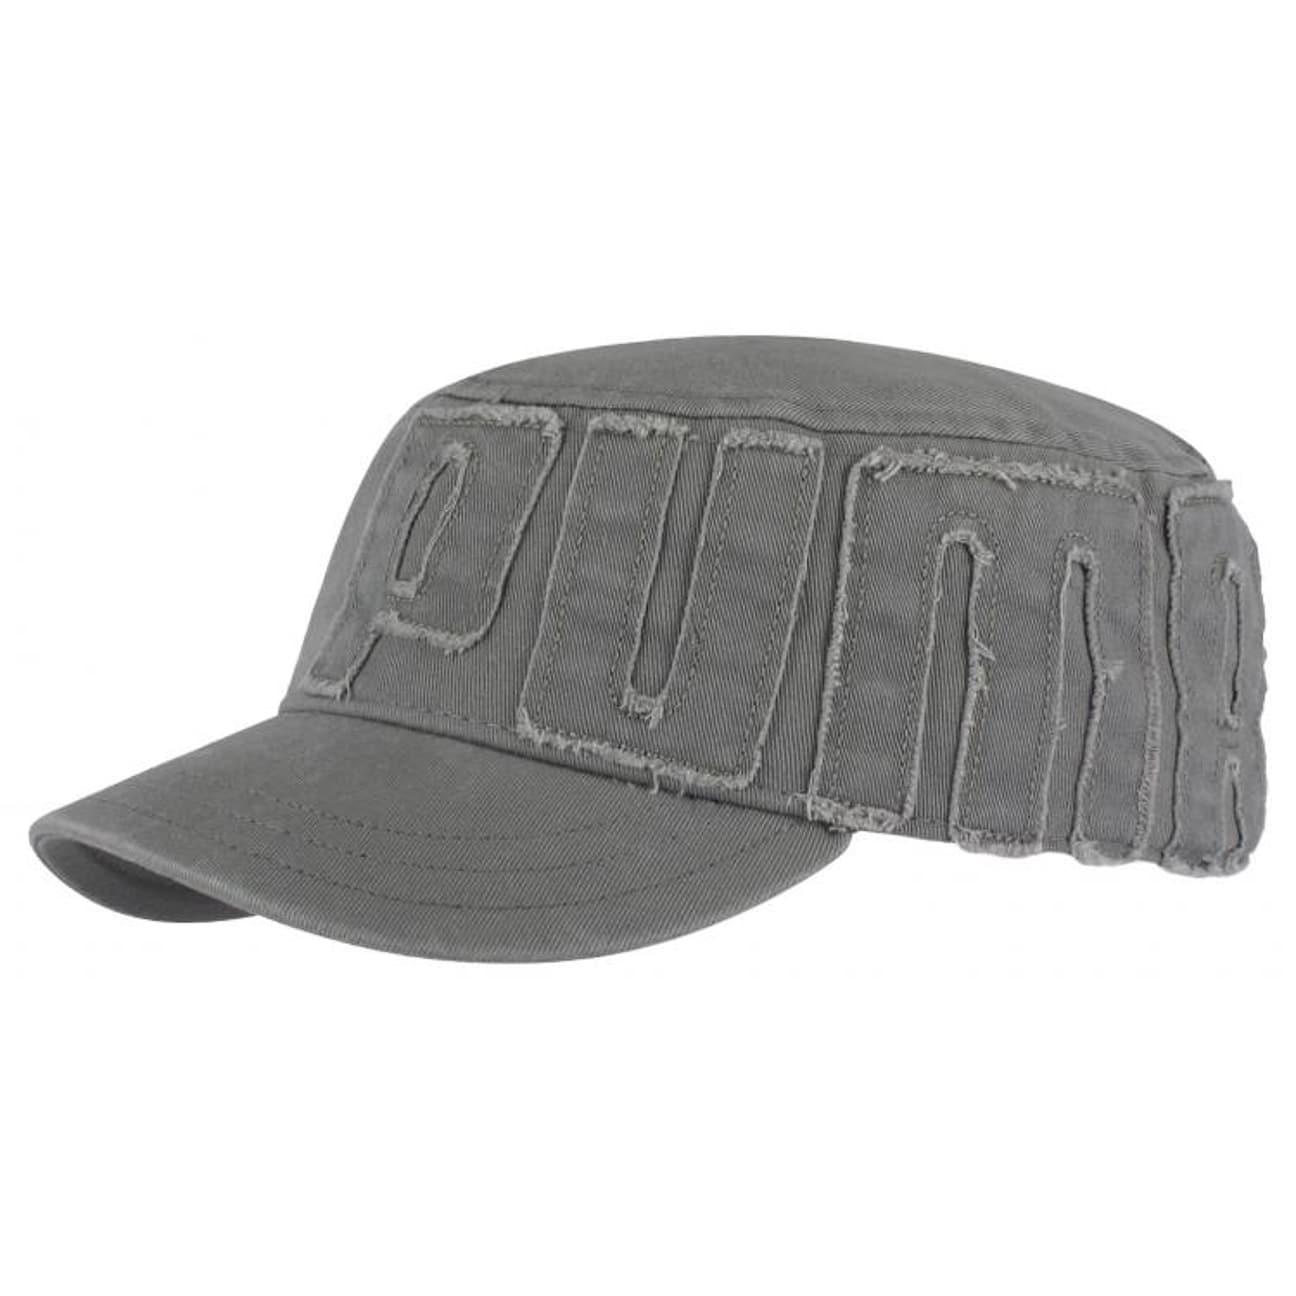 Casquette Cullen Military Cap by PUMA - gris 1 ...